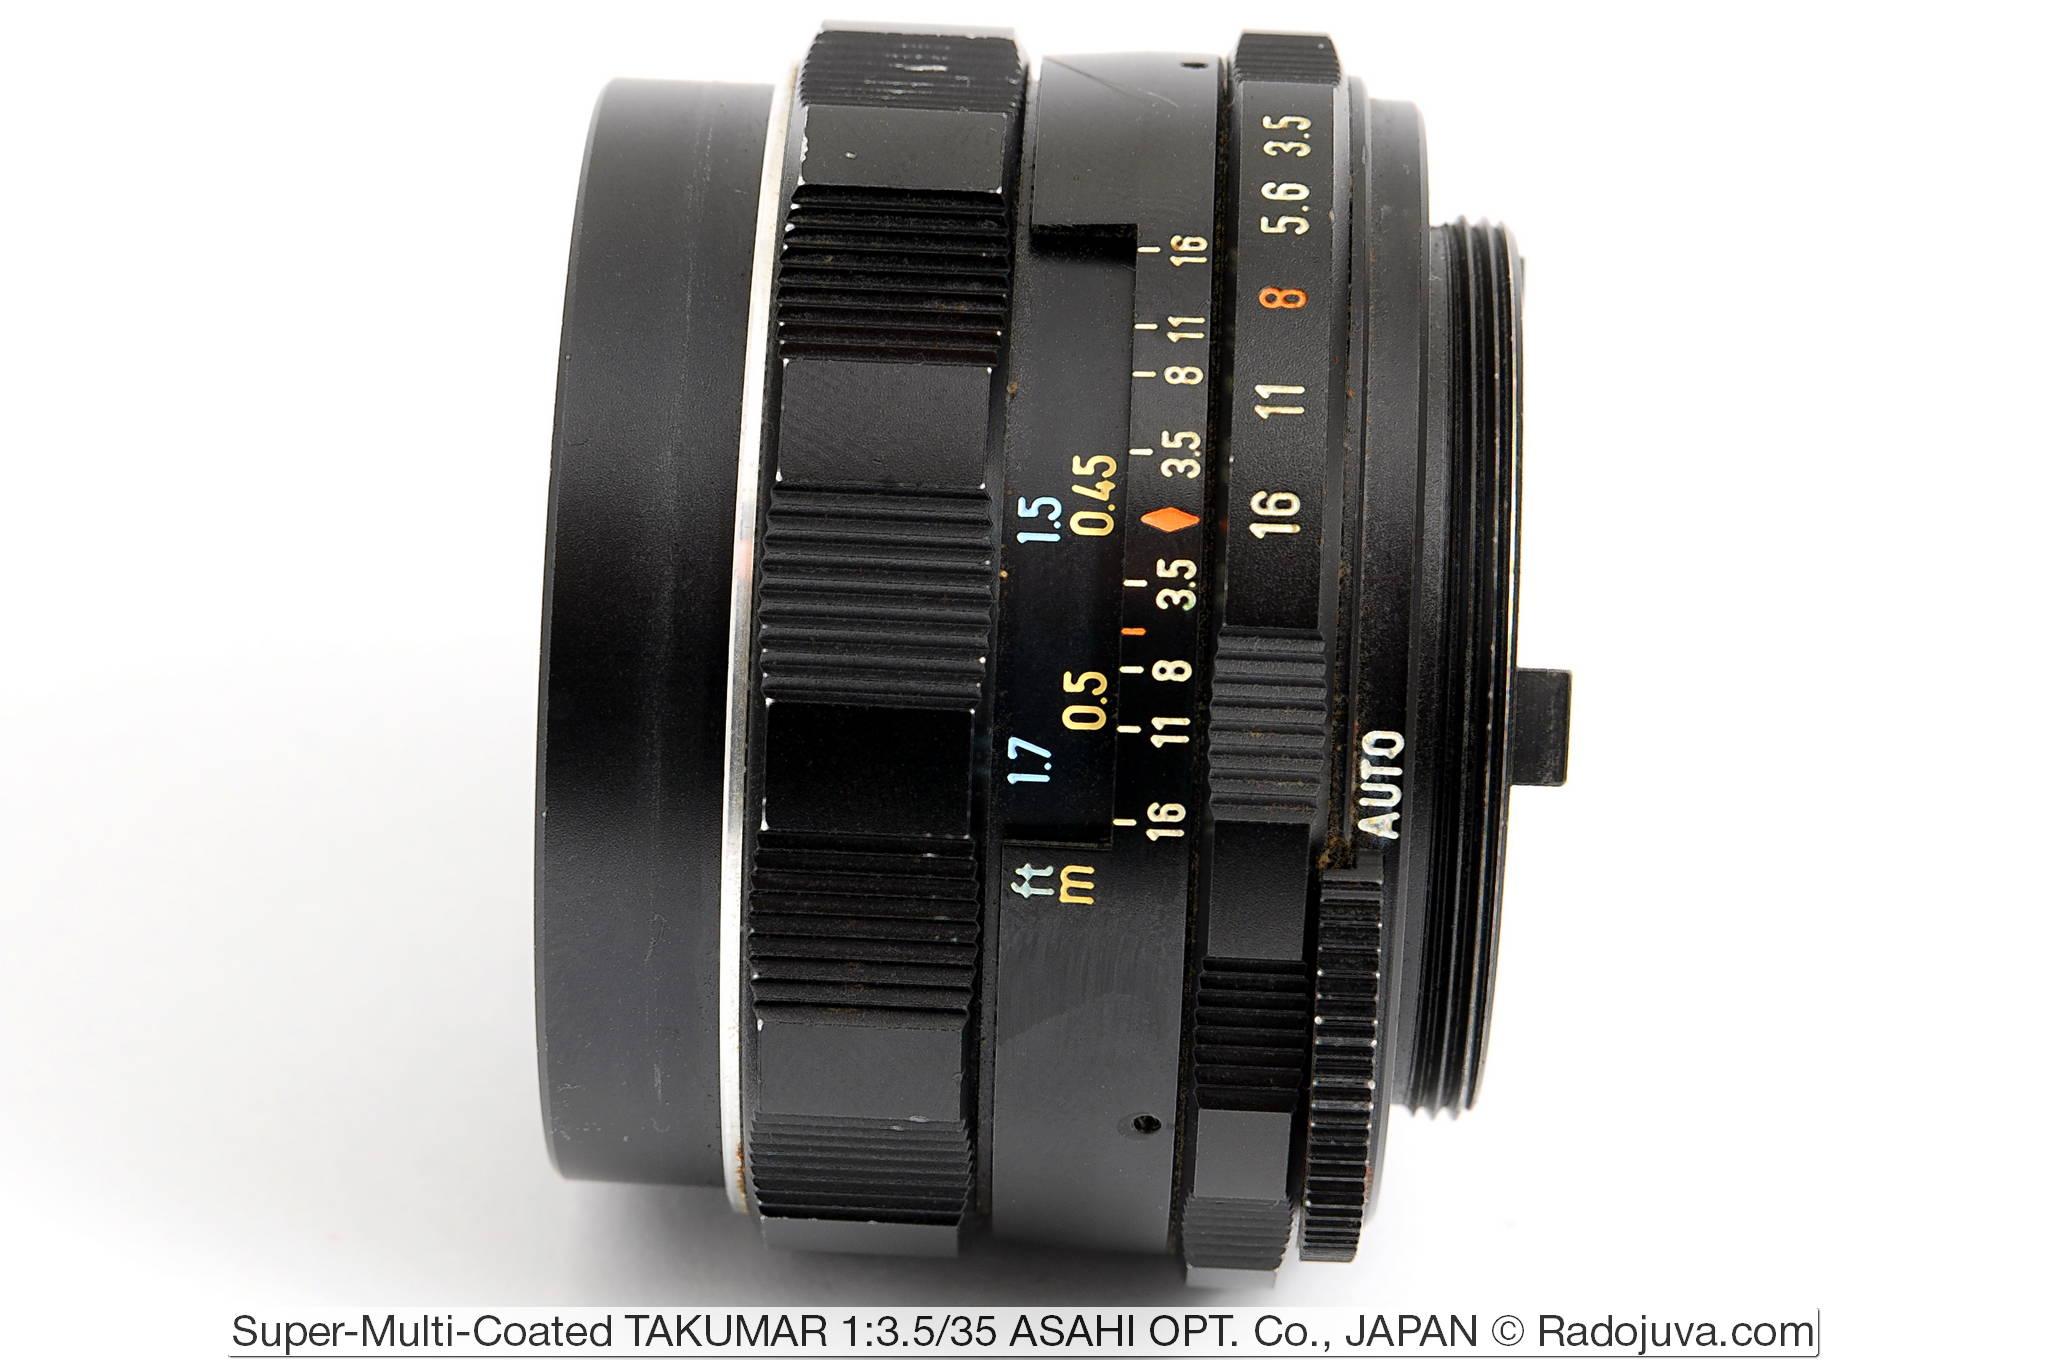 Super-Multi-Coated TAKUMAR 1:3.5/35 ASAHI OPT. Co., JAPAN